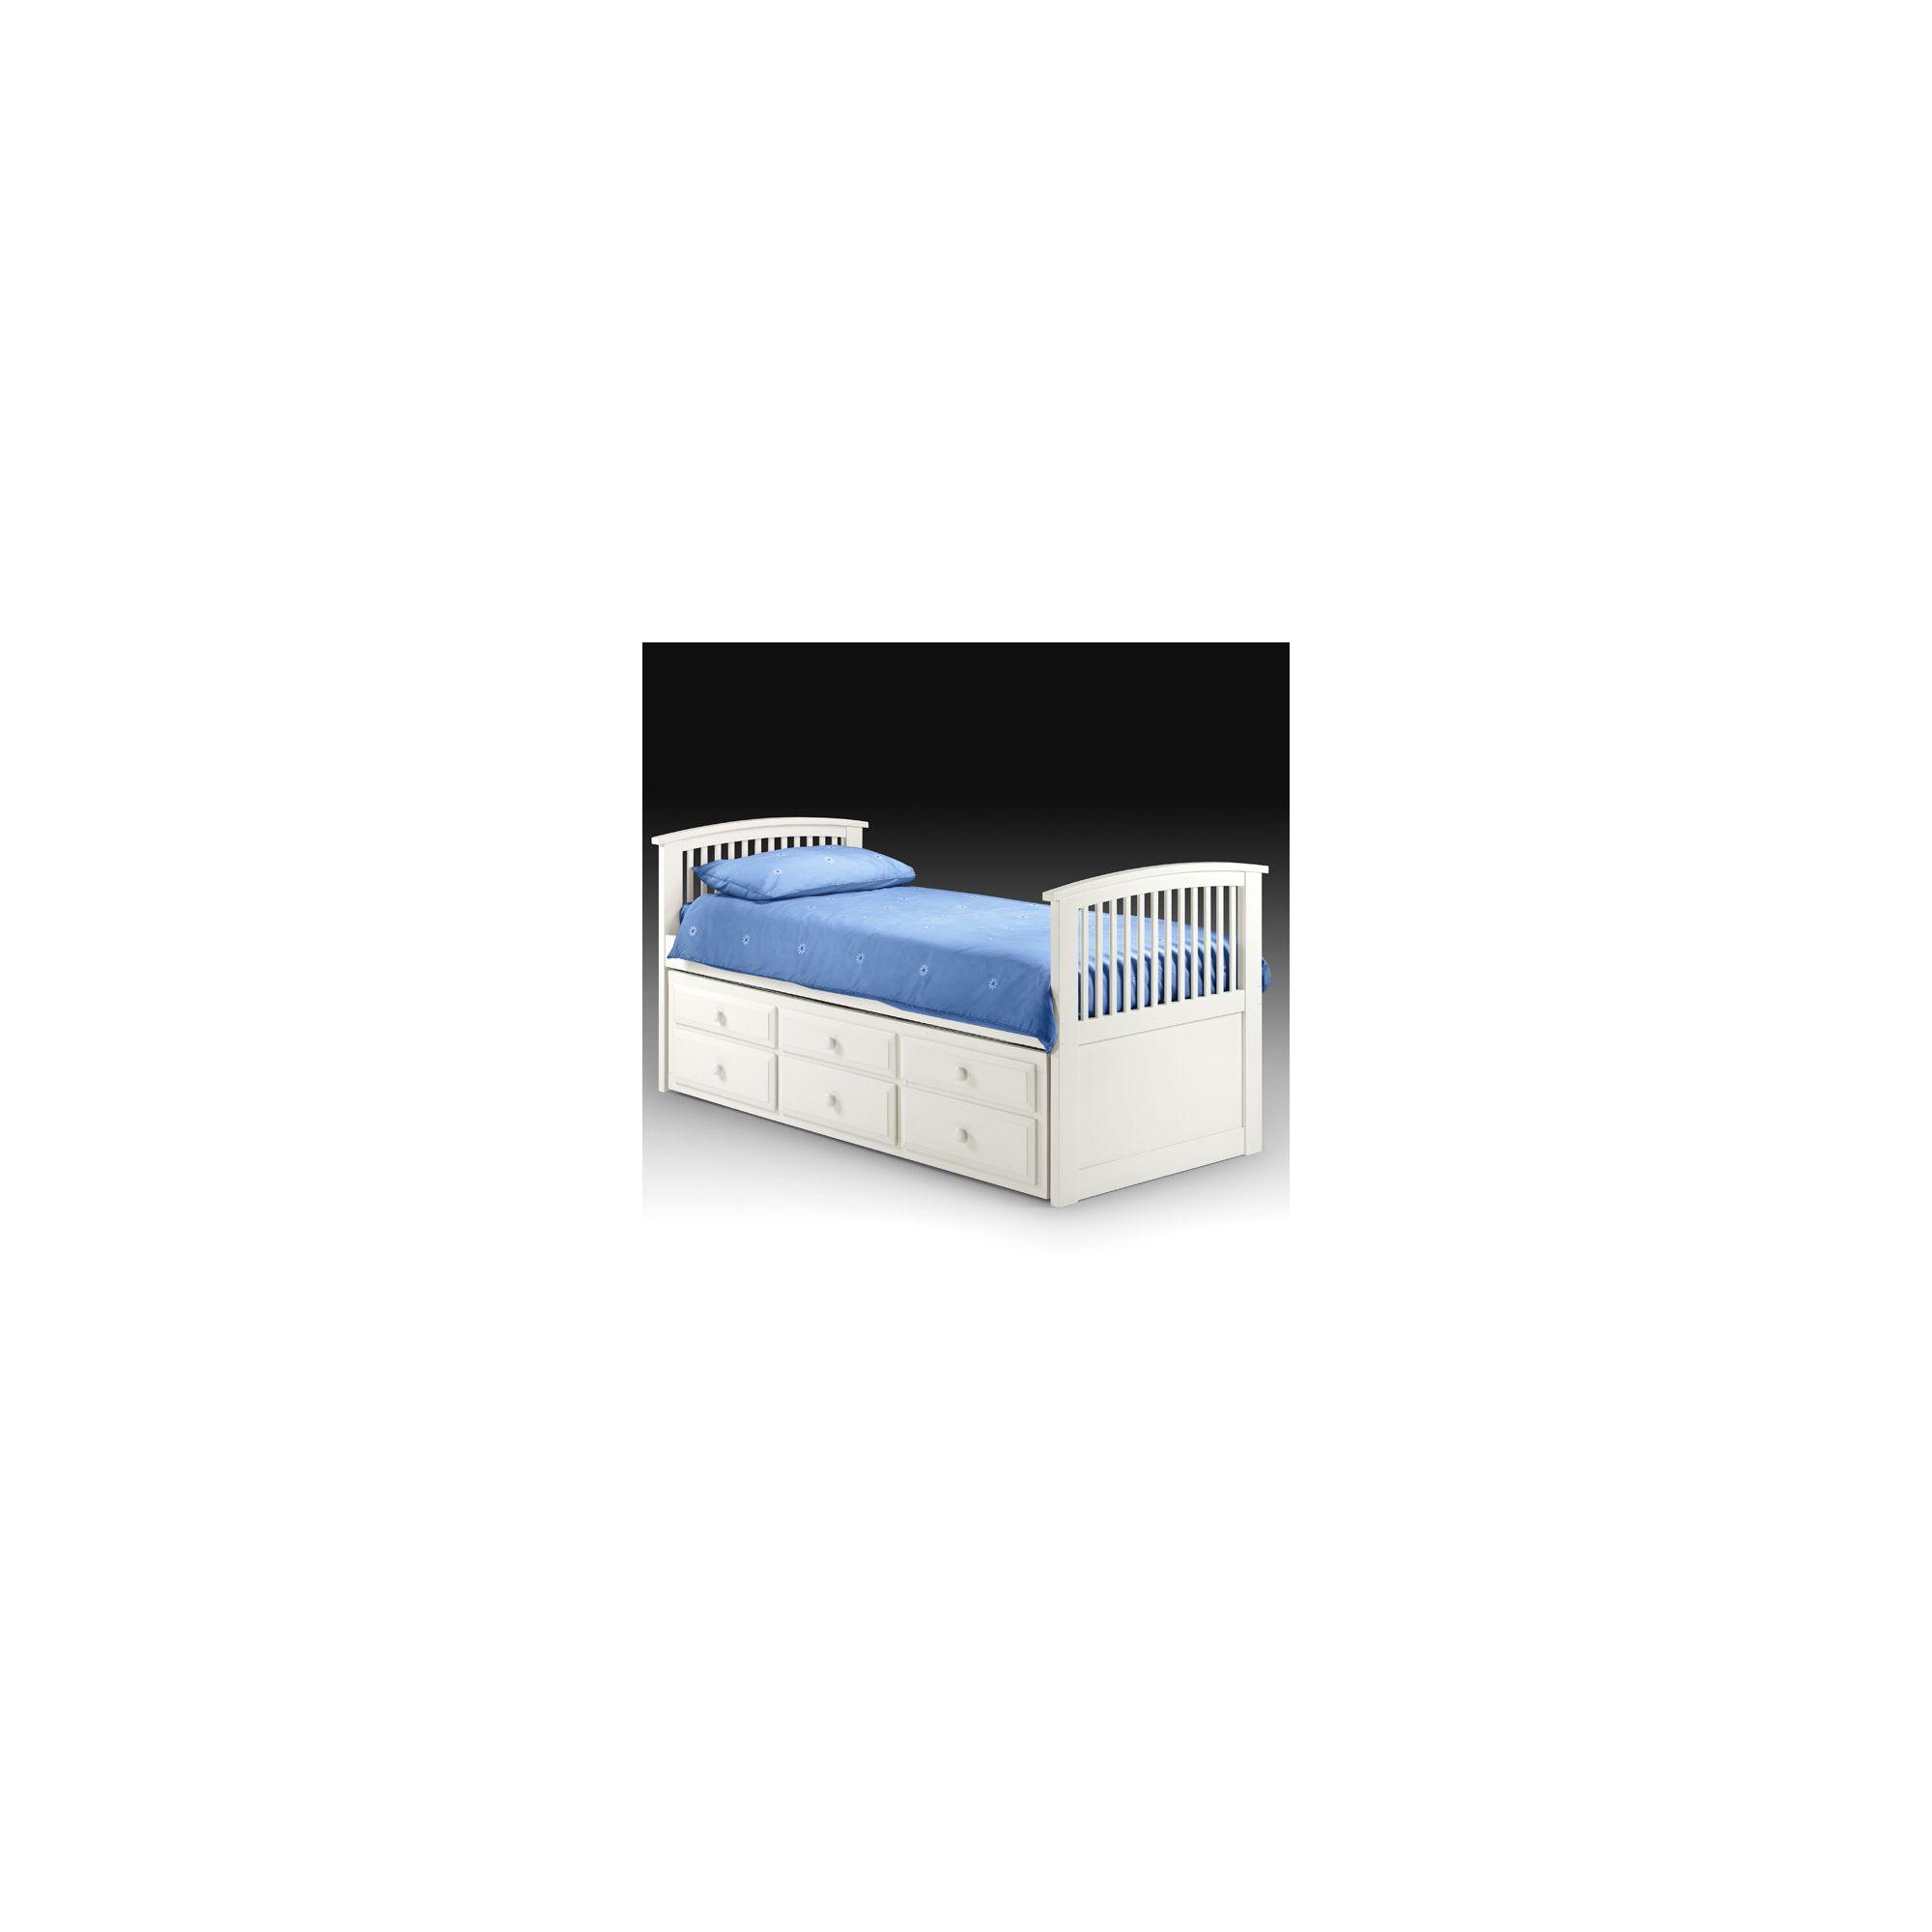 Julian Bowen Hornblower Captain's Bed Frame - Stone White at Tescos Direct